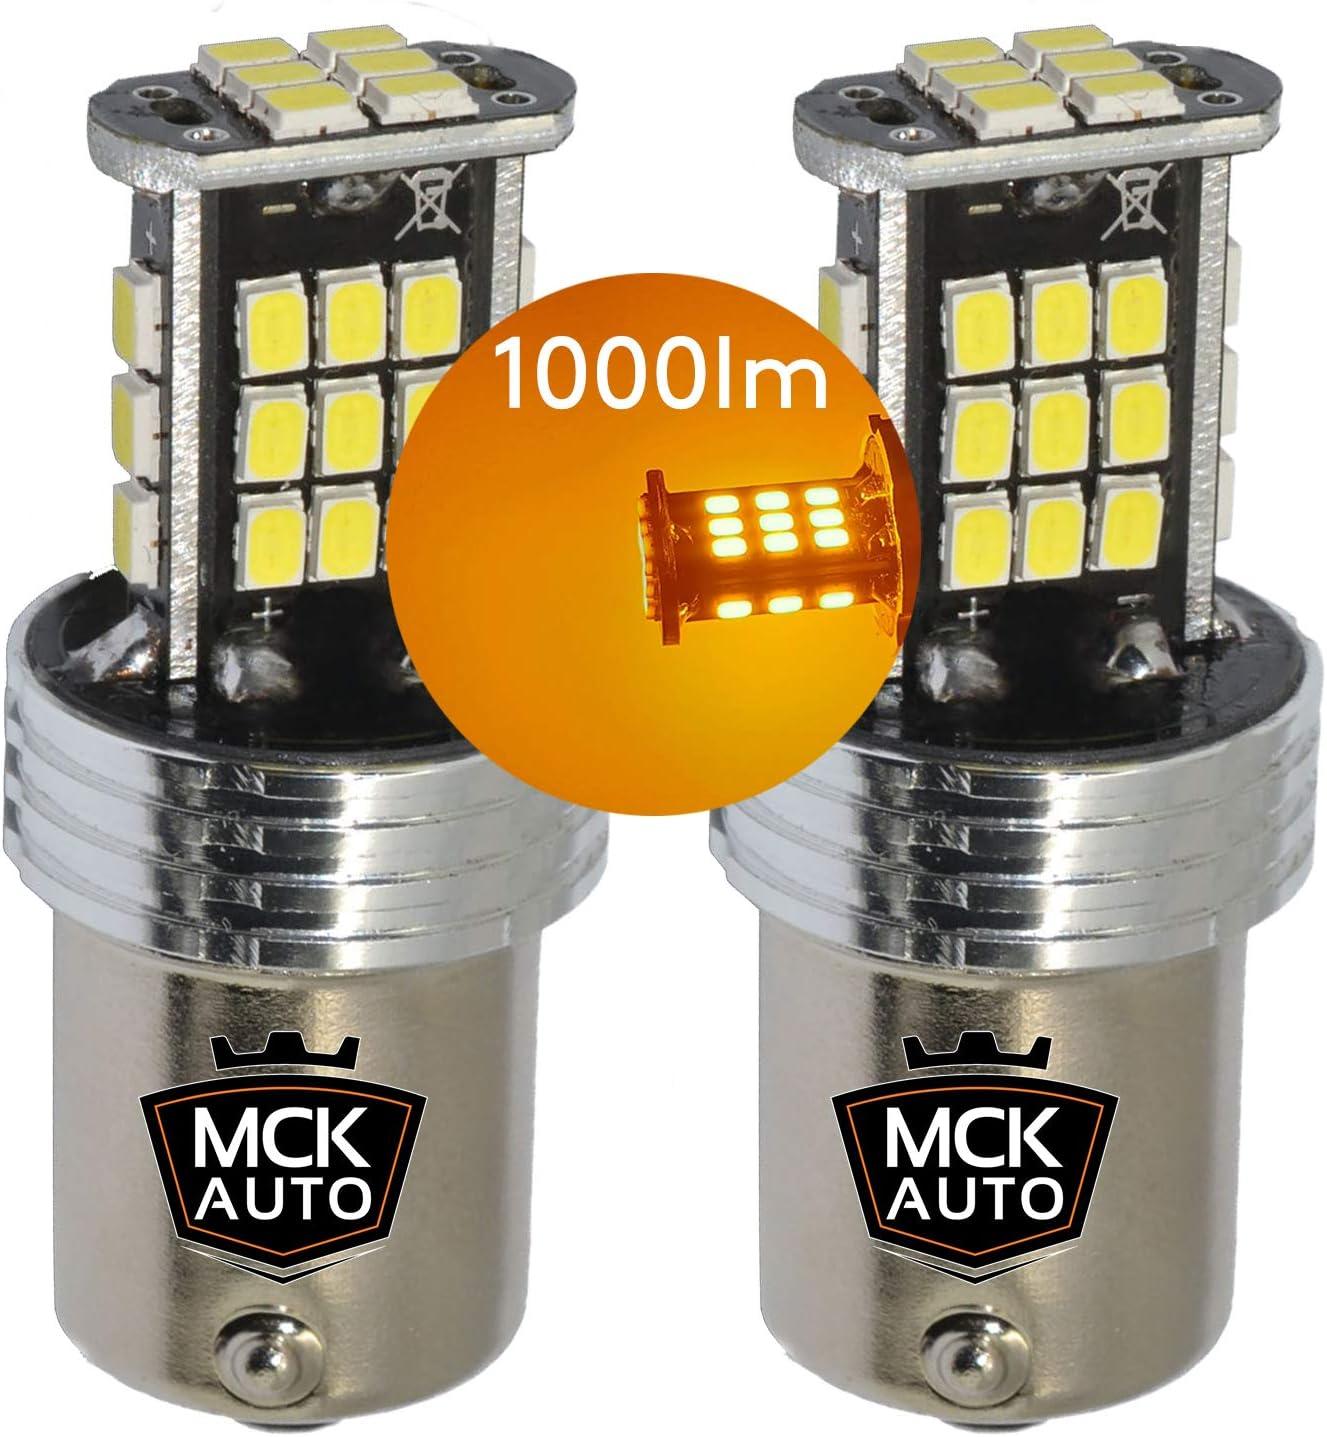 150 /° NATGIC BAU15S PY21W Pack de 2 Ampoules Clignotants LED Ambre Jaune Orange 3700LM 3030 45 SMD Canbus Sans Erreur Anti-Hyper Flash pour Clignotants LED Avant ou Arri/ère de Voiture